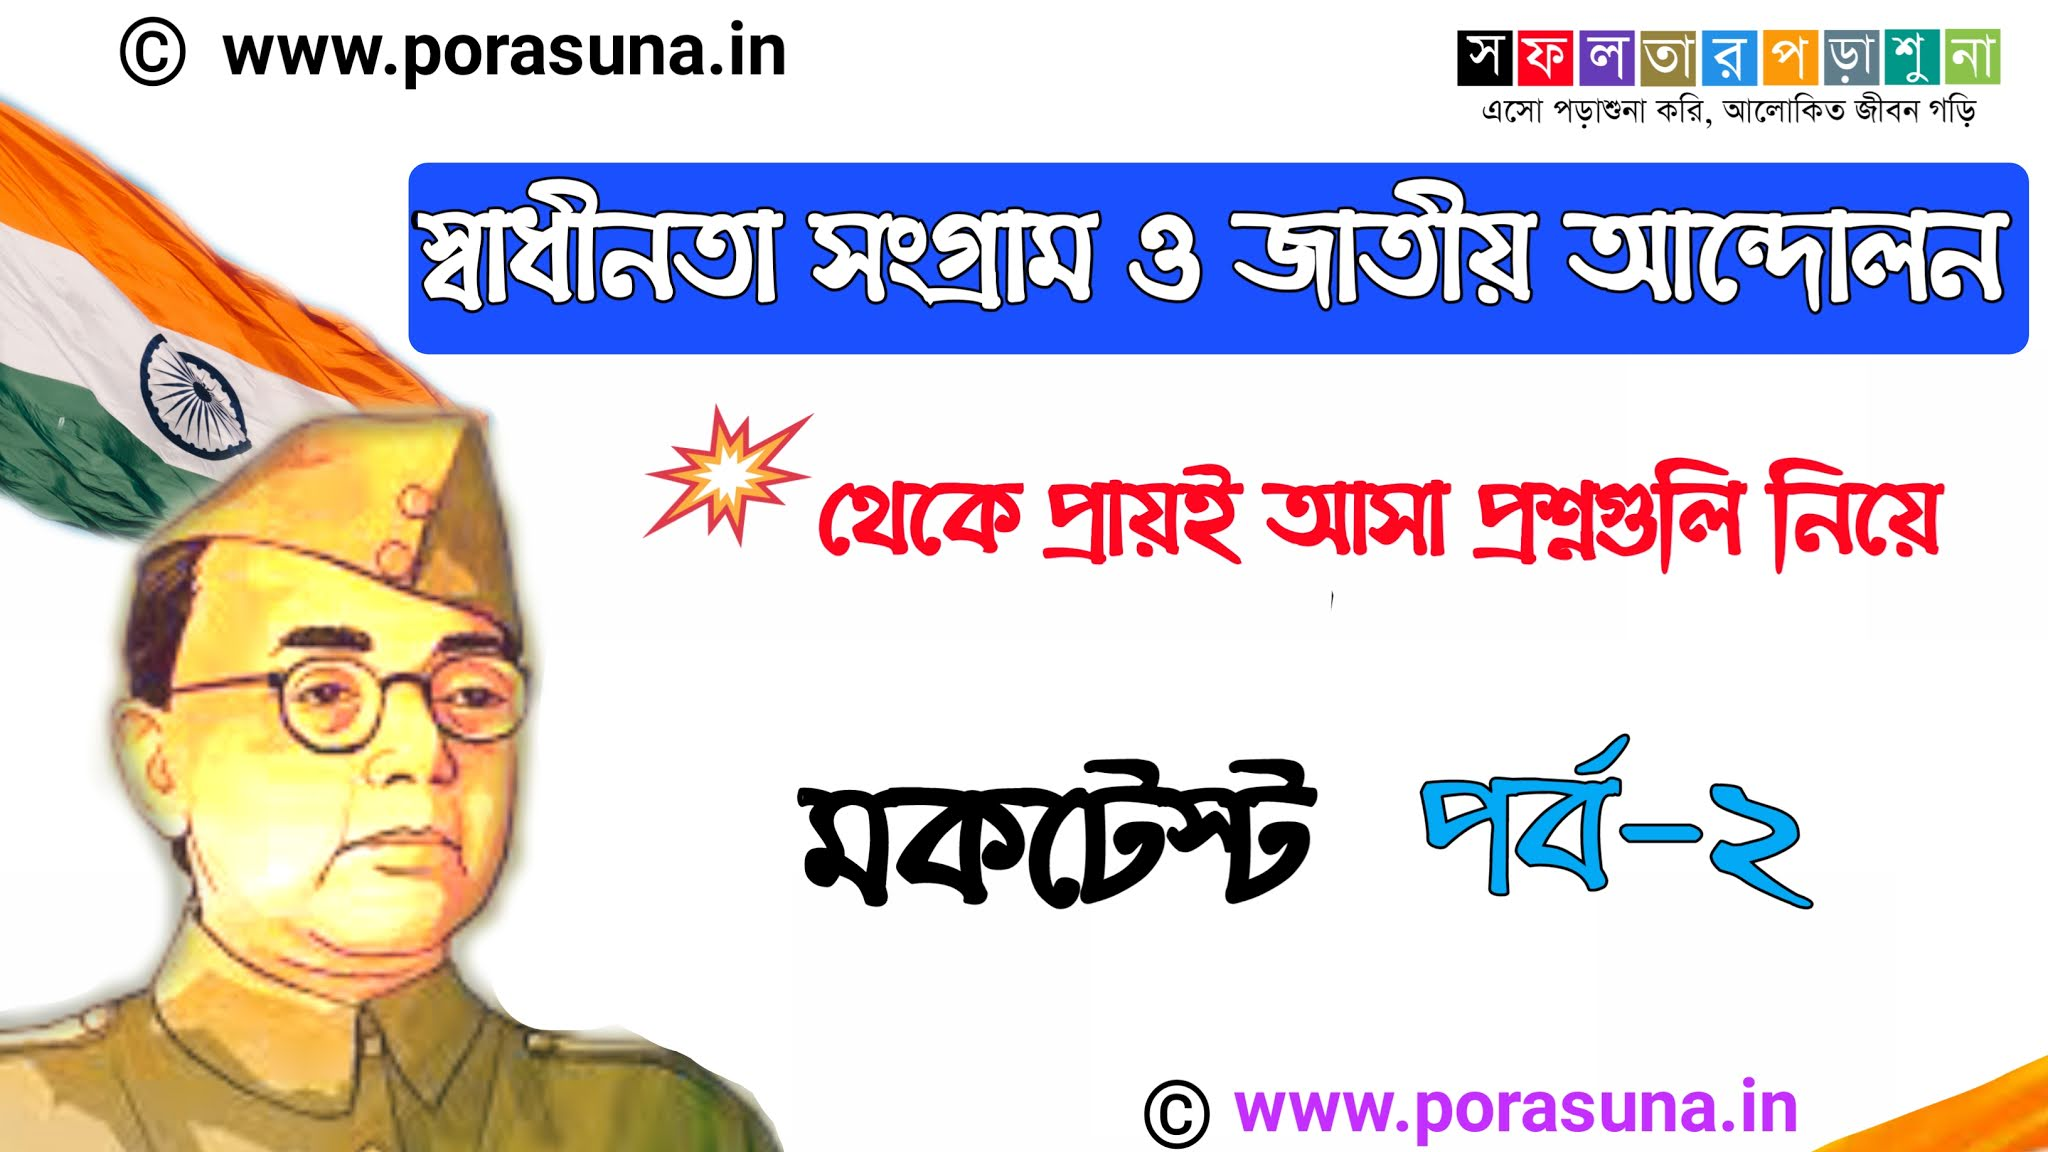 ভারতের স্বাধীনতা সংগ্রাম ও জাতীয় আন্দোলন মকটেস্ট - Online Mocktest On Independence Struggle and National Movement of India (Part-2) In Bengali For All Competitive Exam